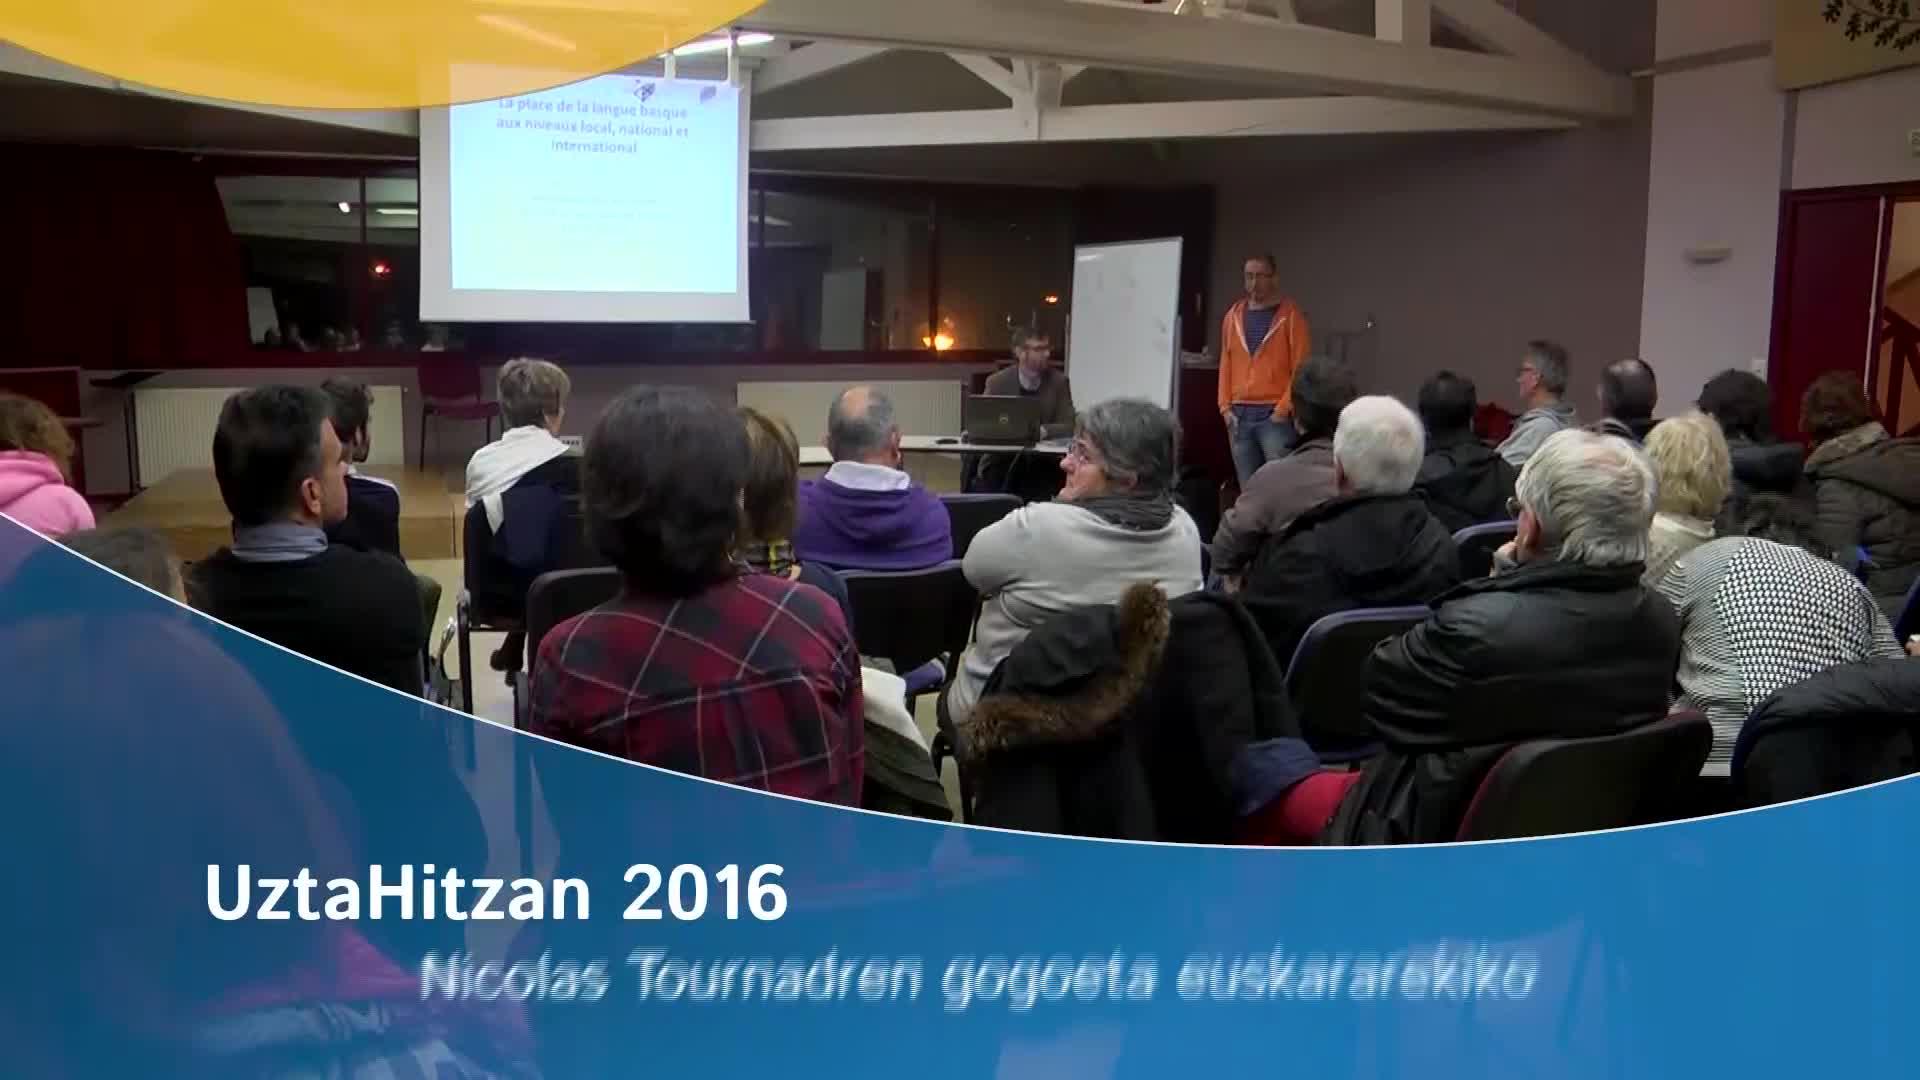 UztaHitzan 2016: Nicolas Tournadren gogoeta euskararekiko